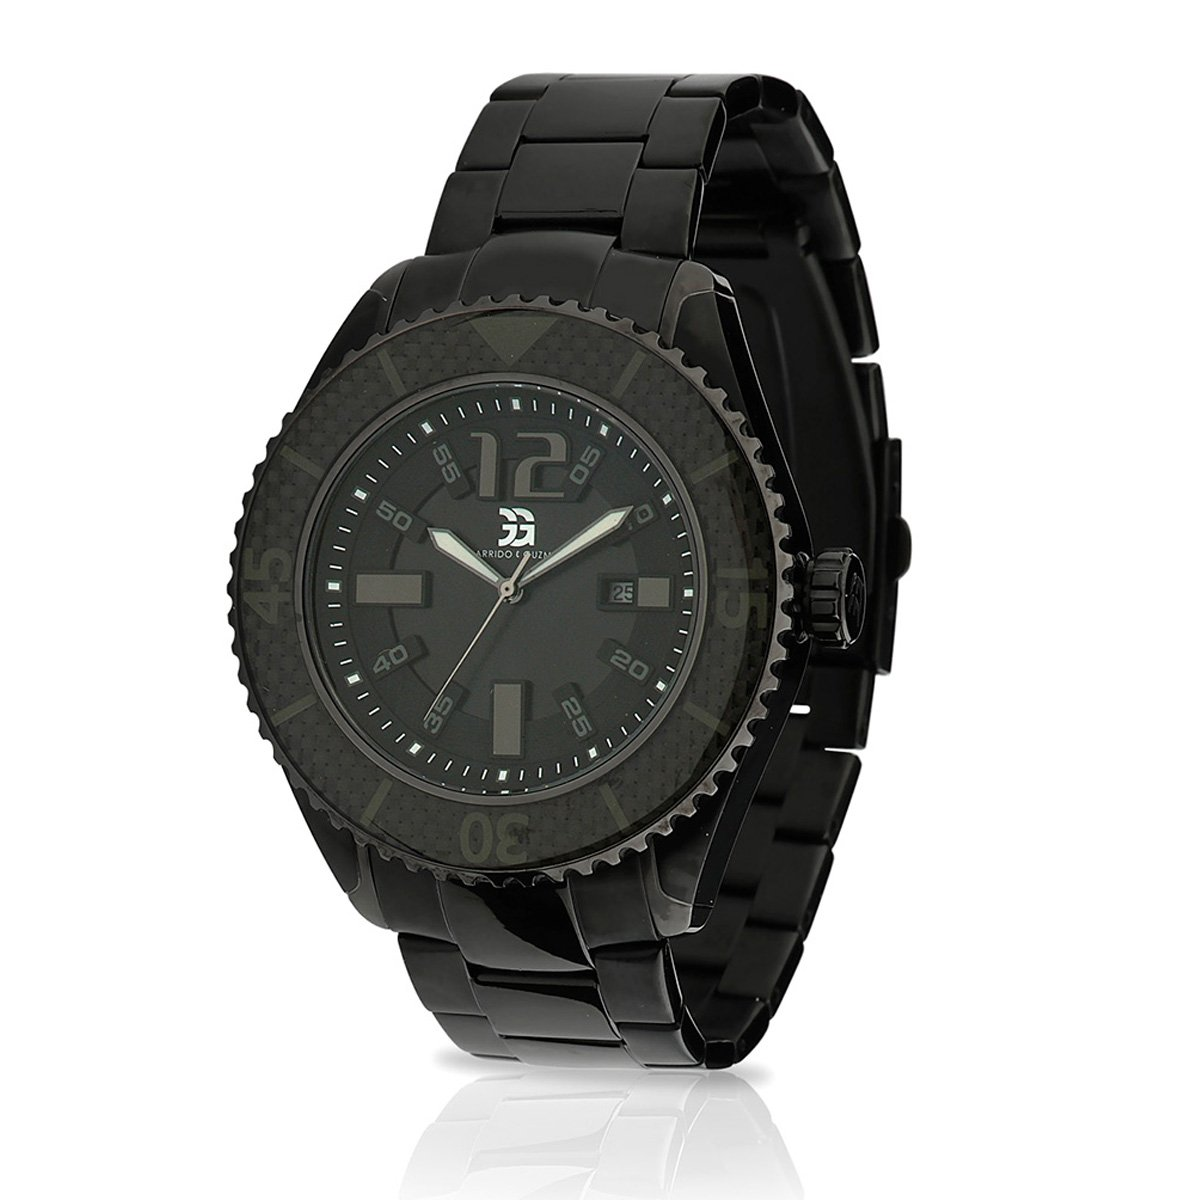 089241d522e Relógio Garrido   Guzman Analógico 2006GSB Masculino - Compre Agora ...